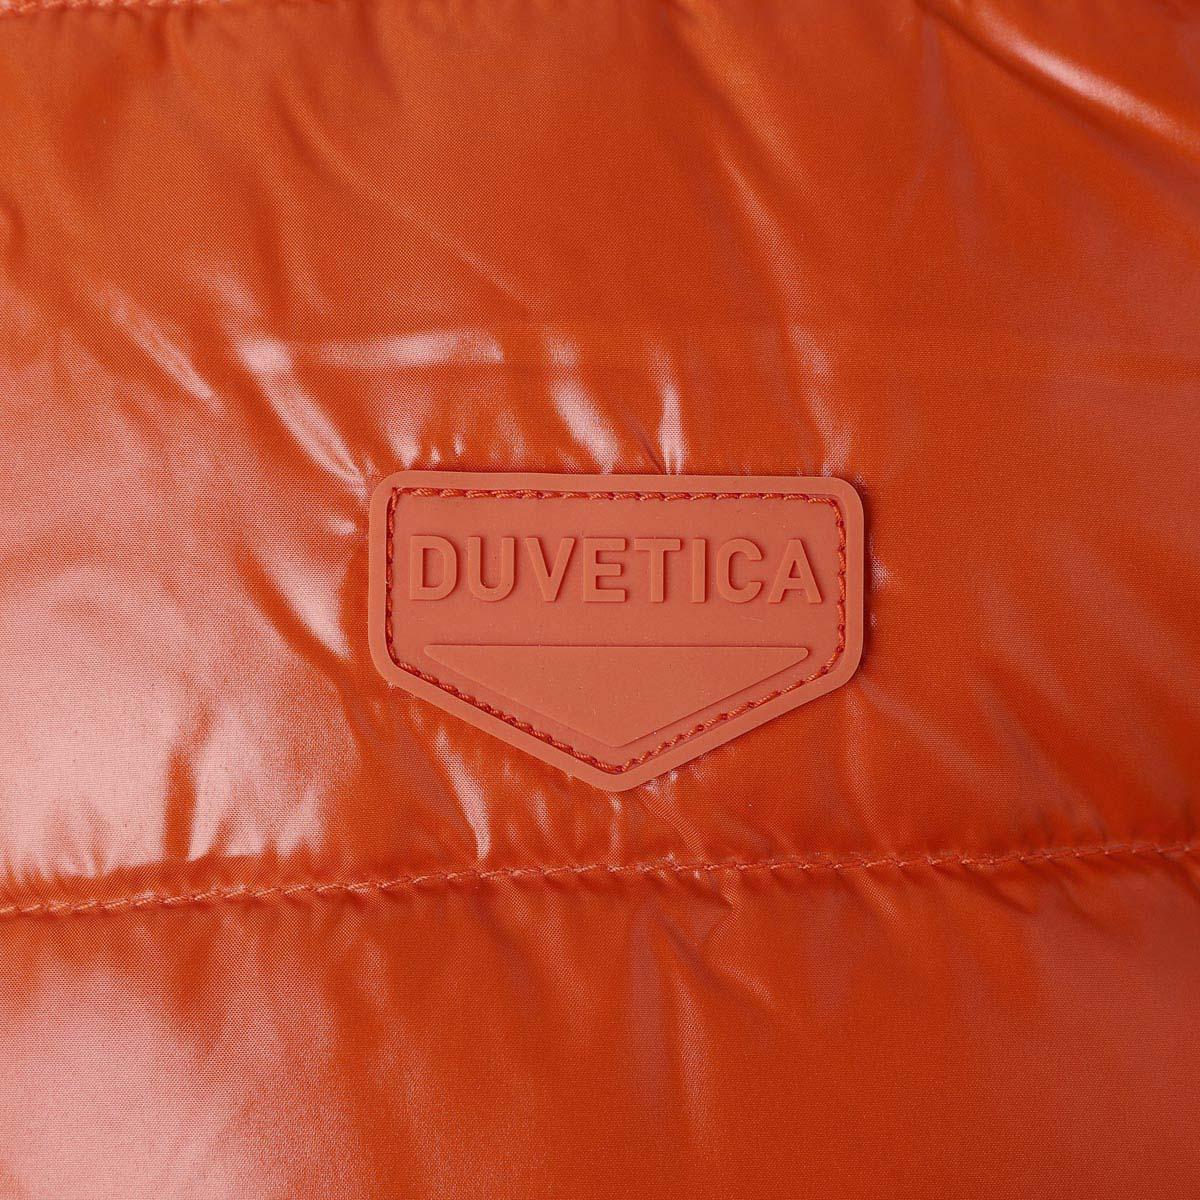 【タイムセール TOPS】DUVETICA デュベティカ フーデッド ダウンベスト/PHERKAD【大きいサイズあり】 メンズ